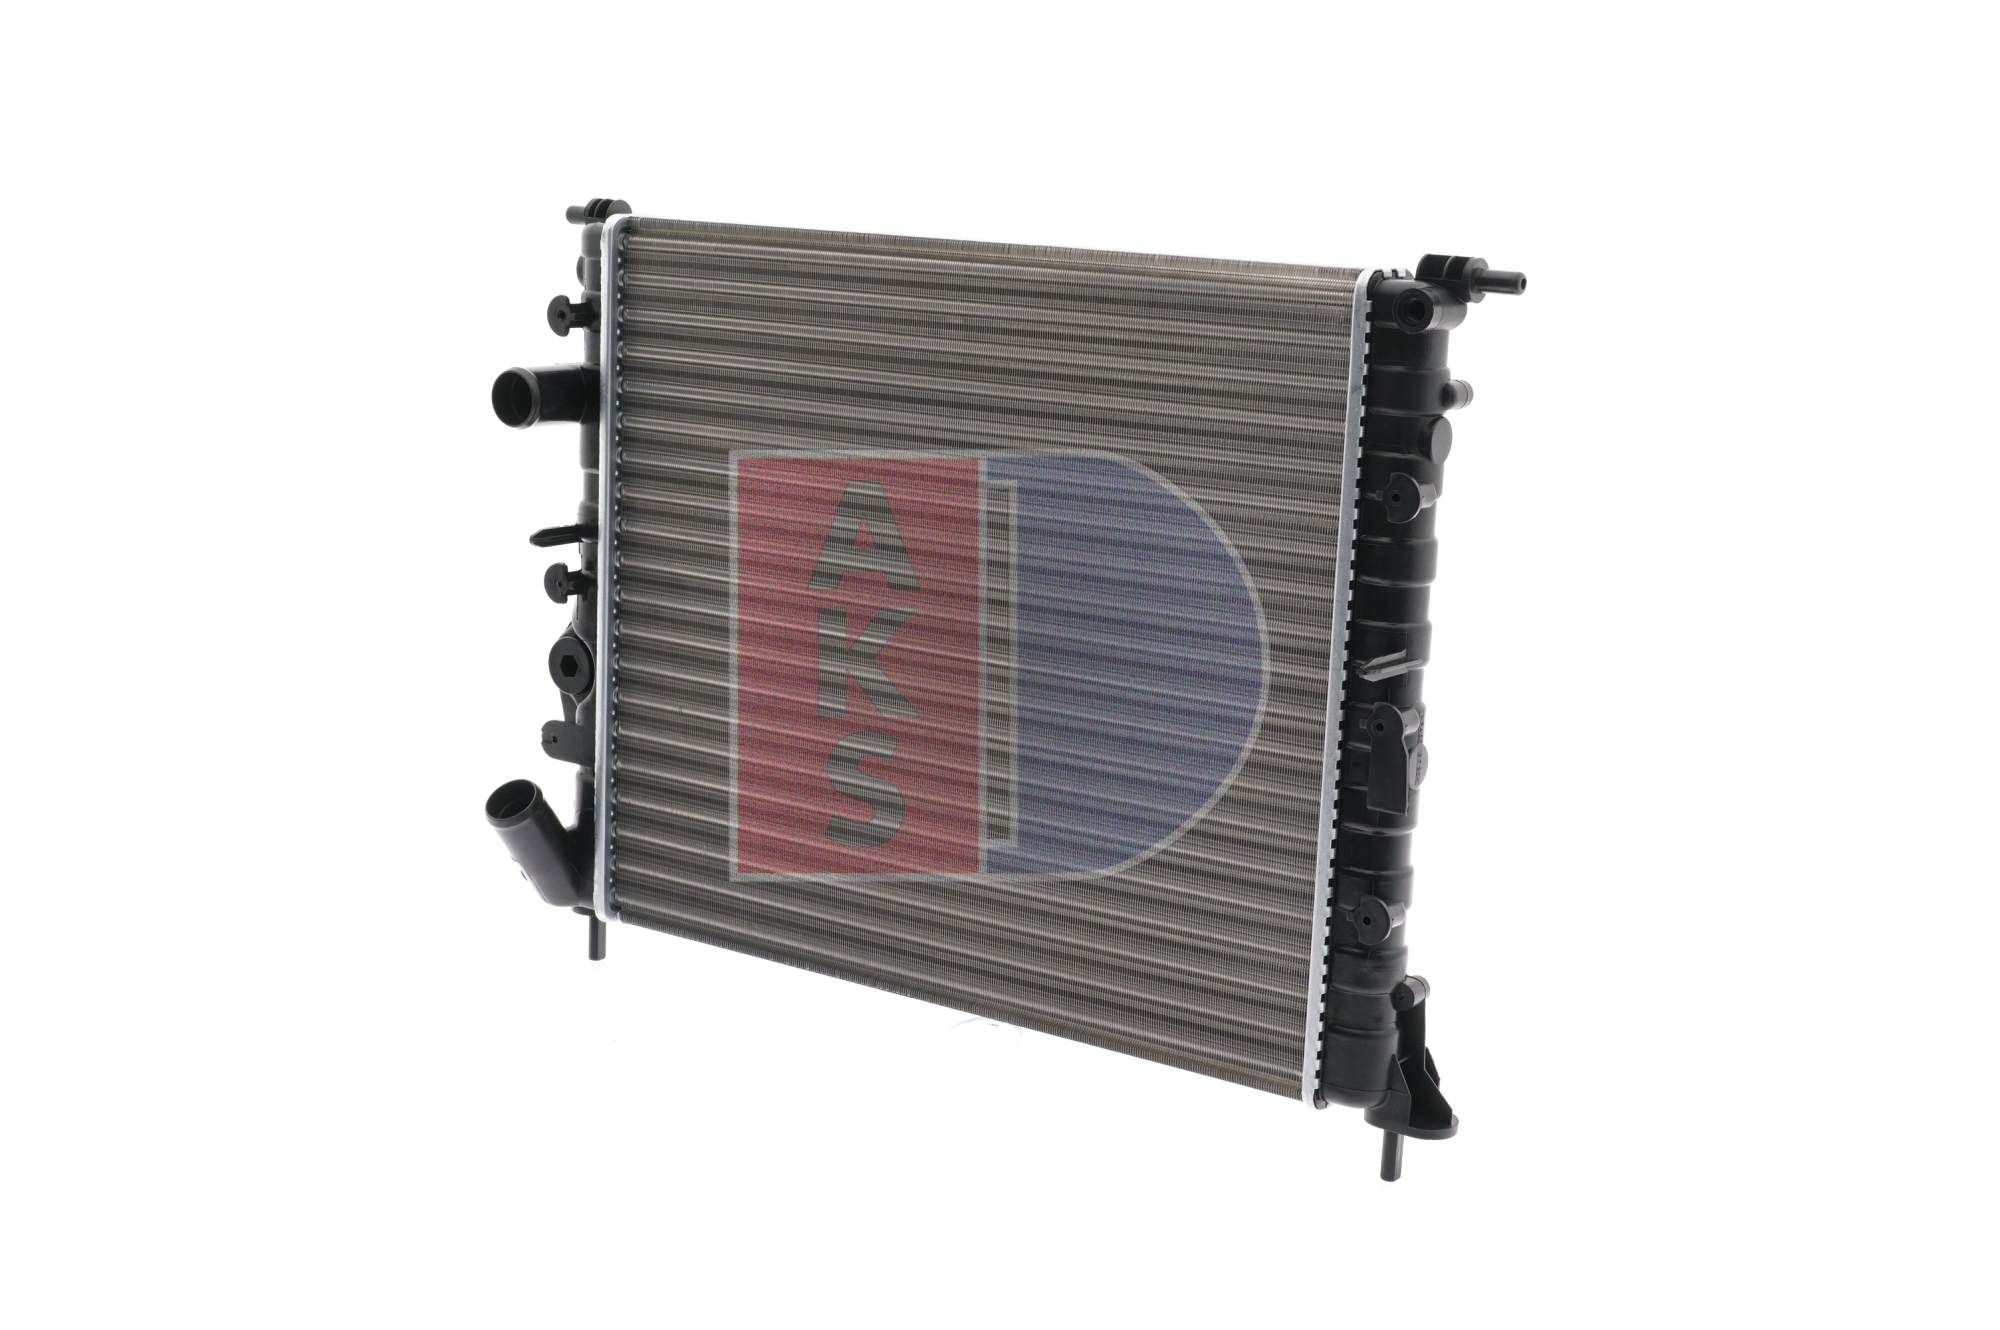 180240N AKS DASIS Kühlrippen mechanisch gefügt Netzmaße: 428x378x28 Kühler, Motorkühlung 180240N günstig kaufen